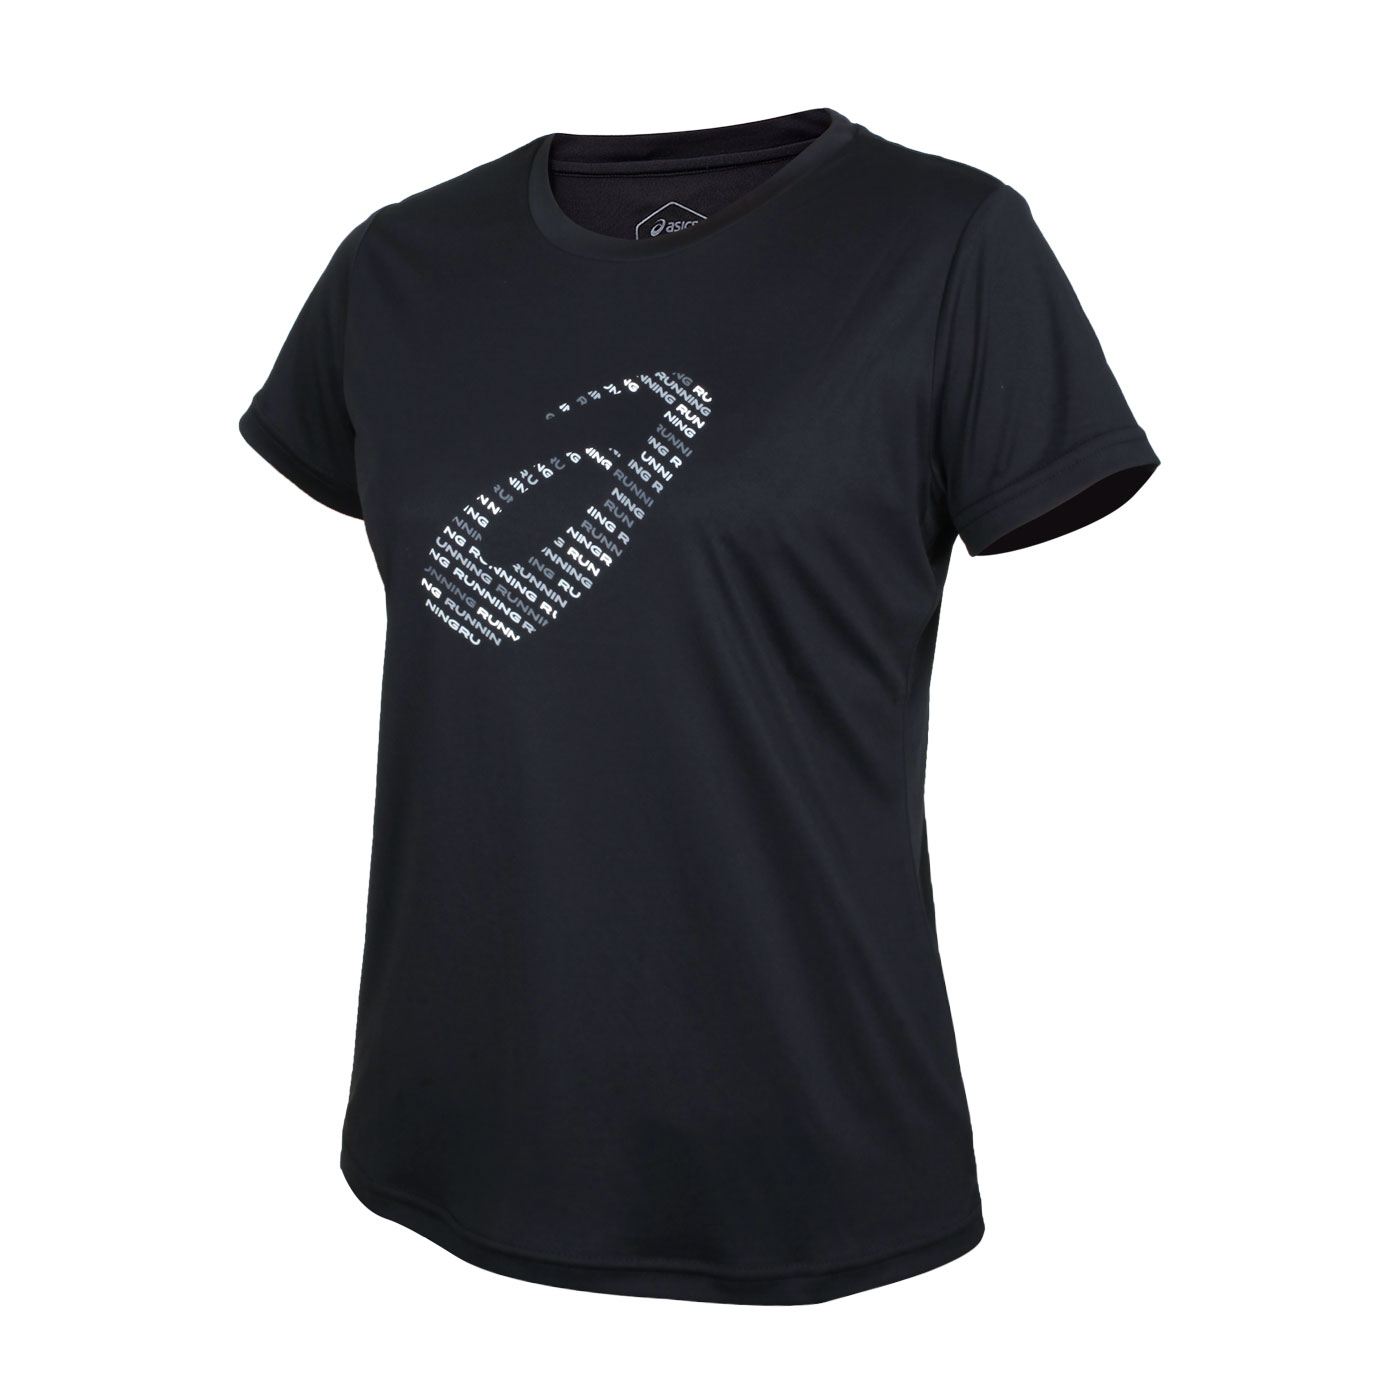 ASICS 女款短袖T恤 2012C345-001 - 黑銀